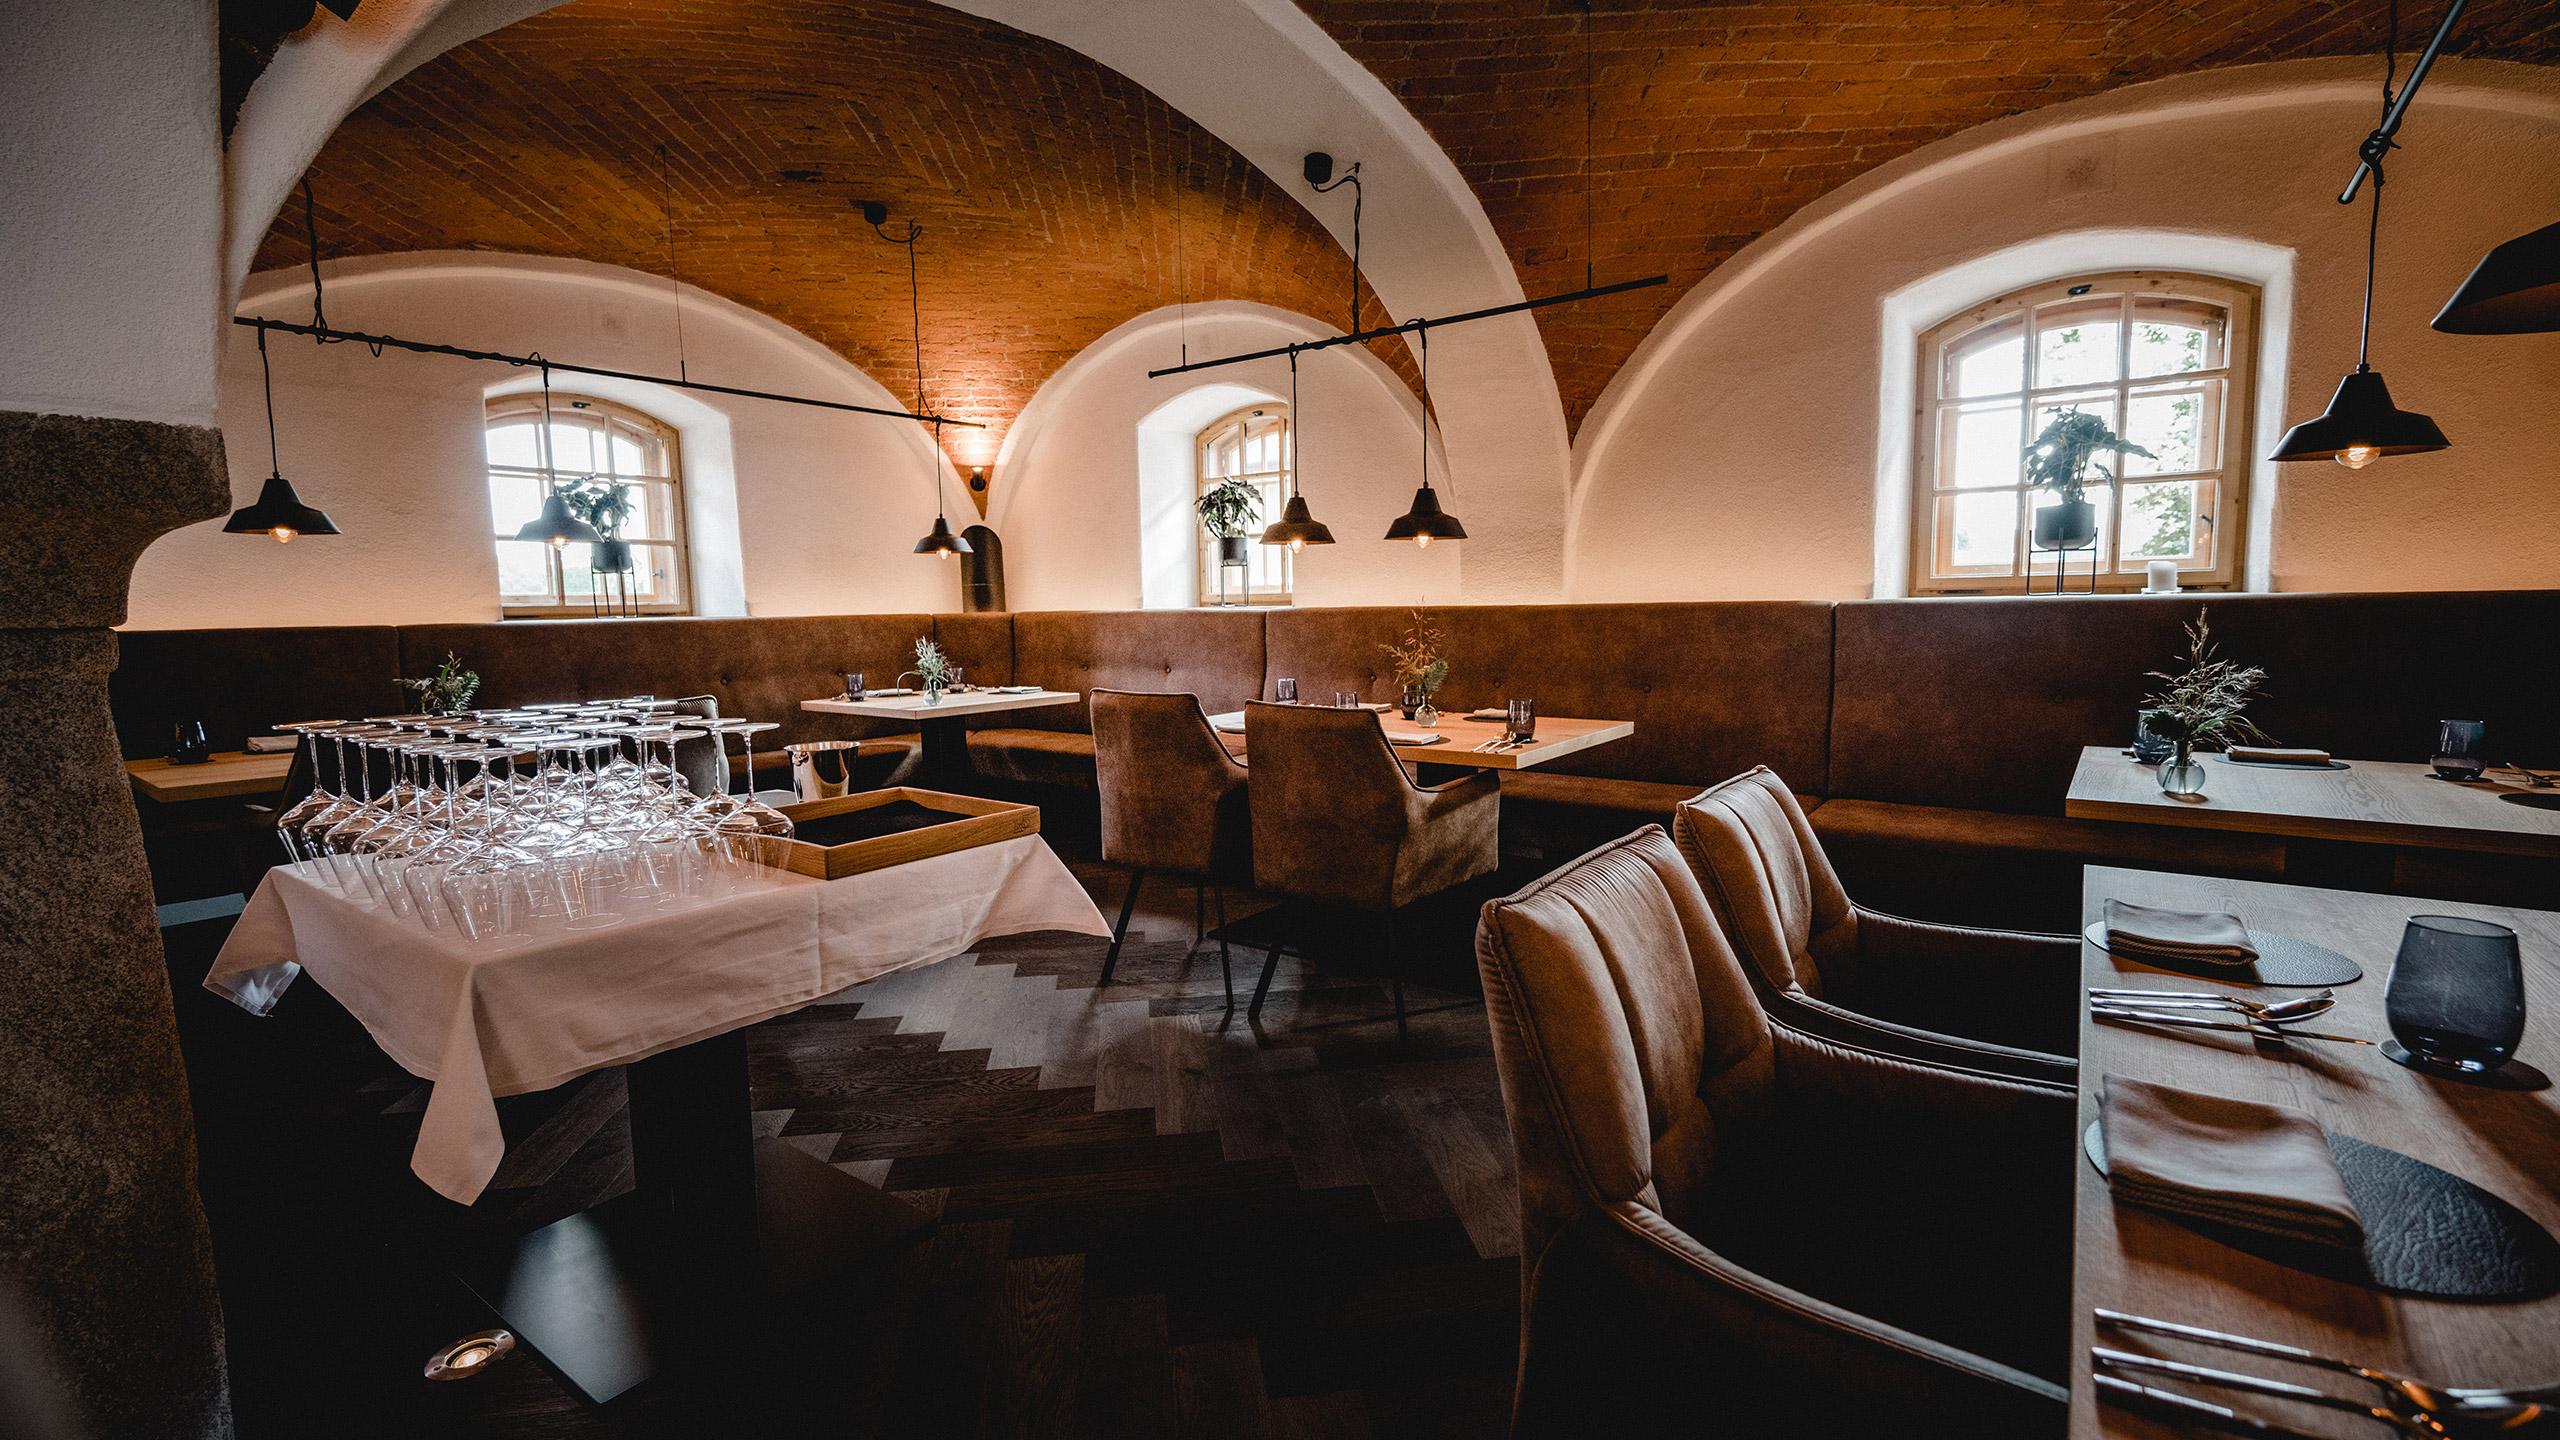 kammer5-image-restaurant-2102@2x-1